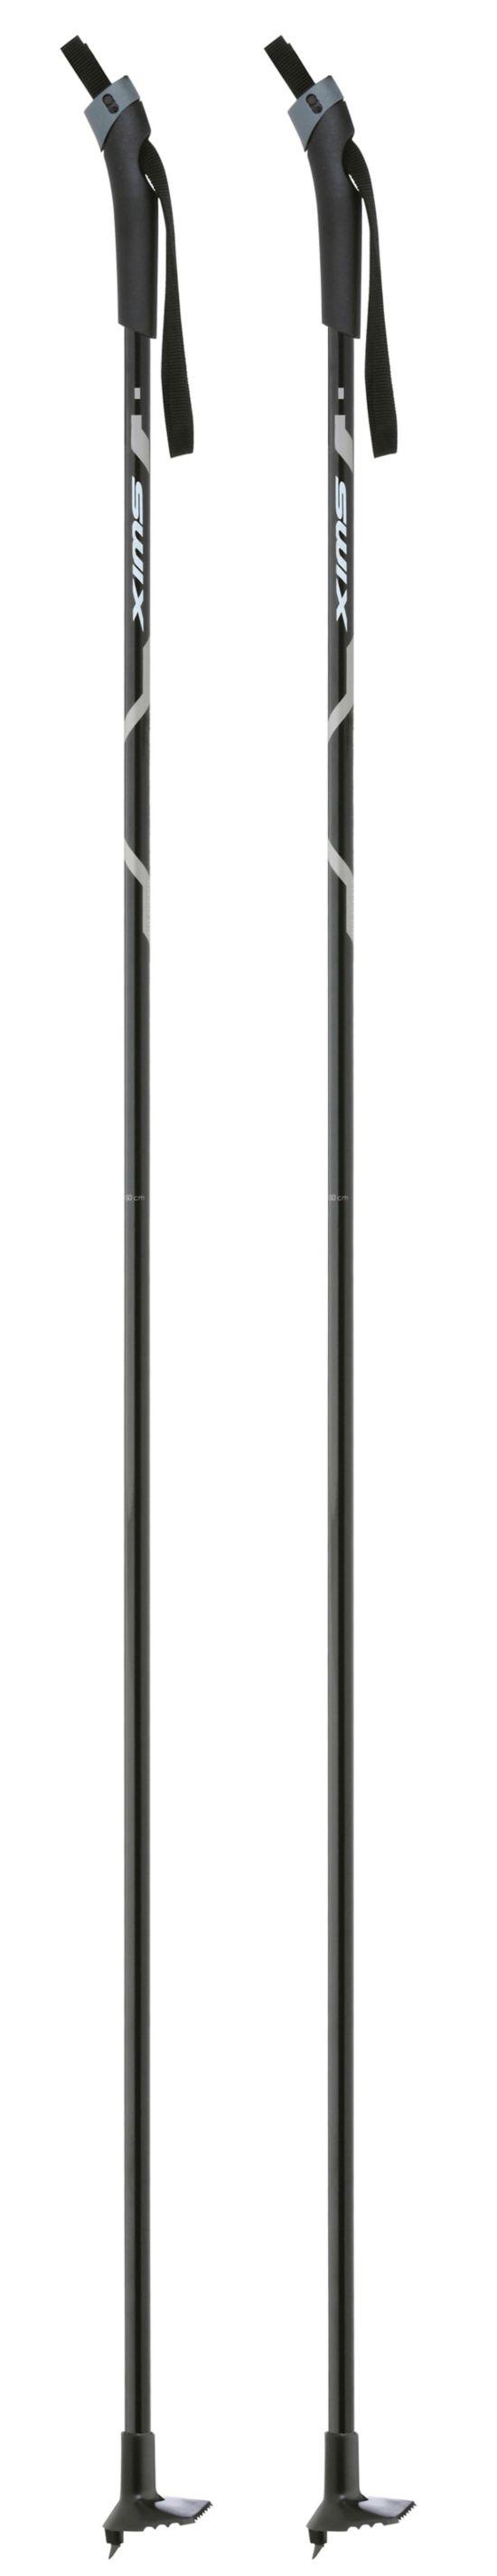 Nordic Standard Aluminum Turstav N/A